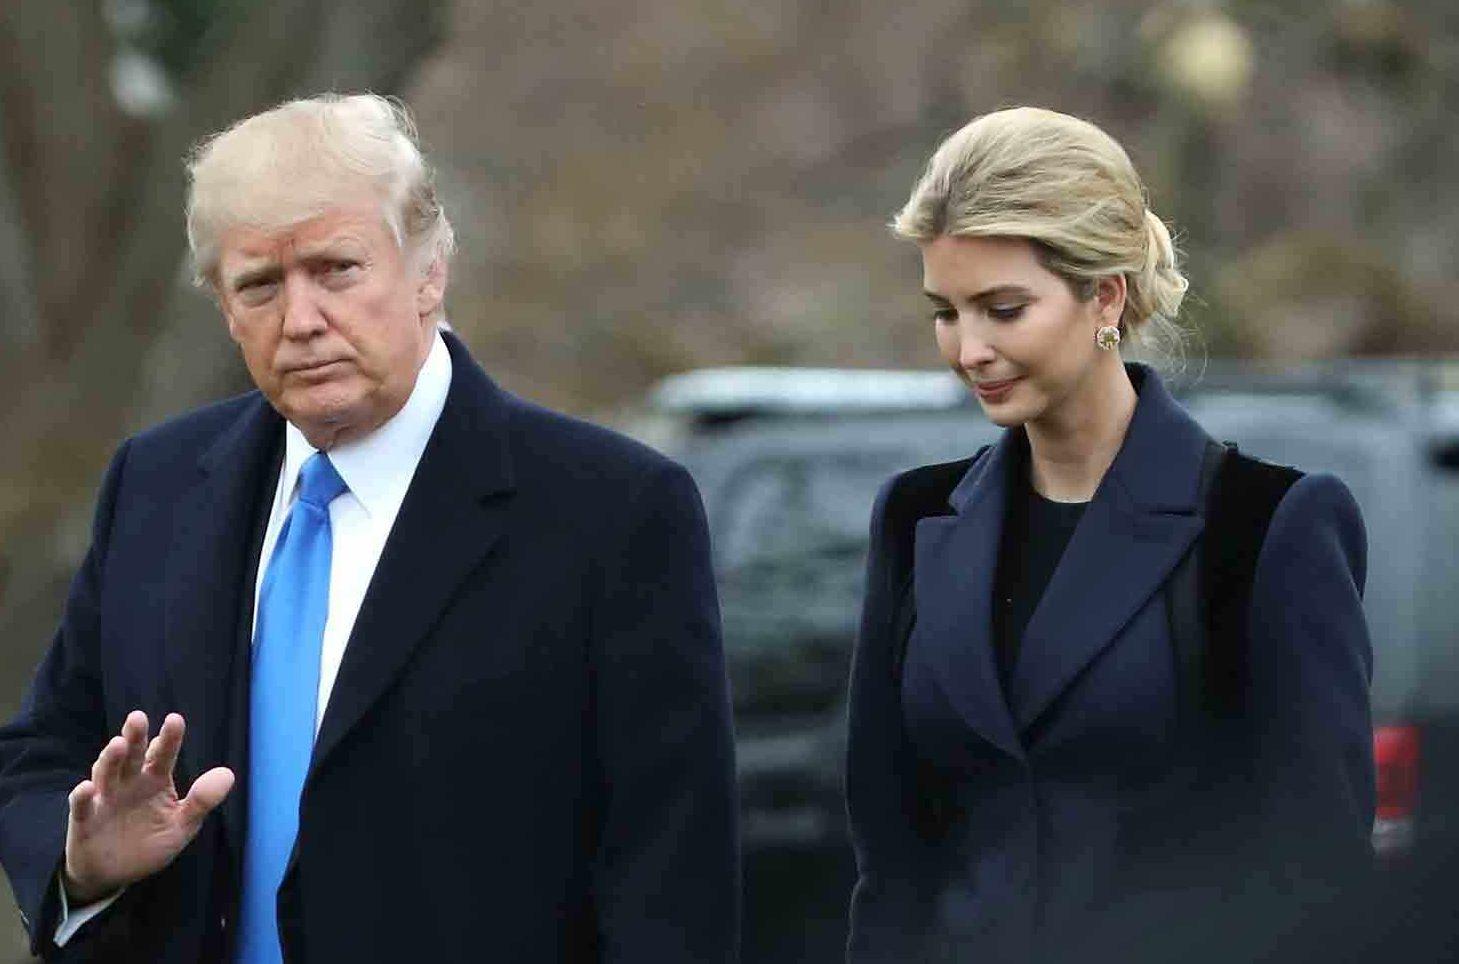 Иванка Трамп всегда играла важную роль в бизнесе и политической карьере отца. Фото: ktla.com